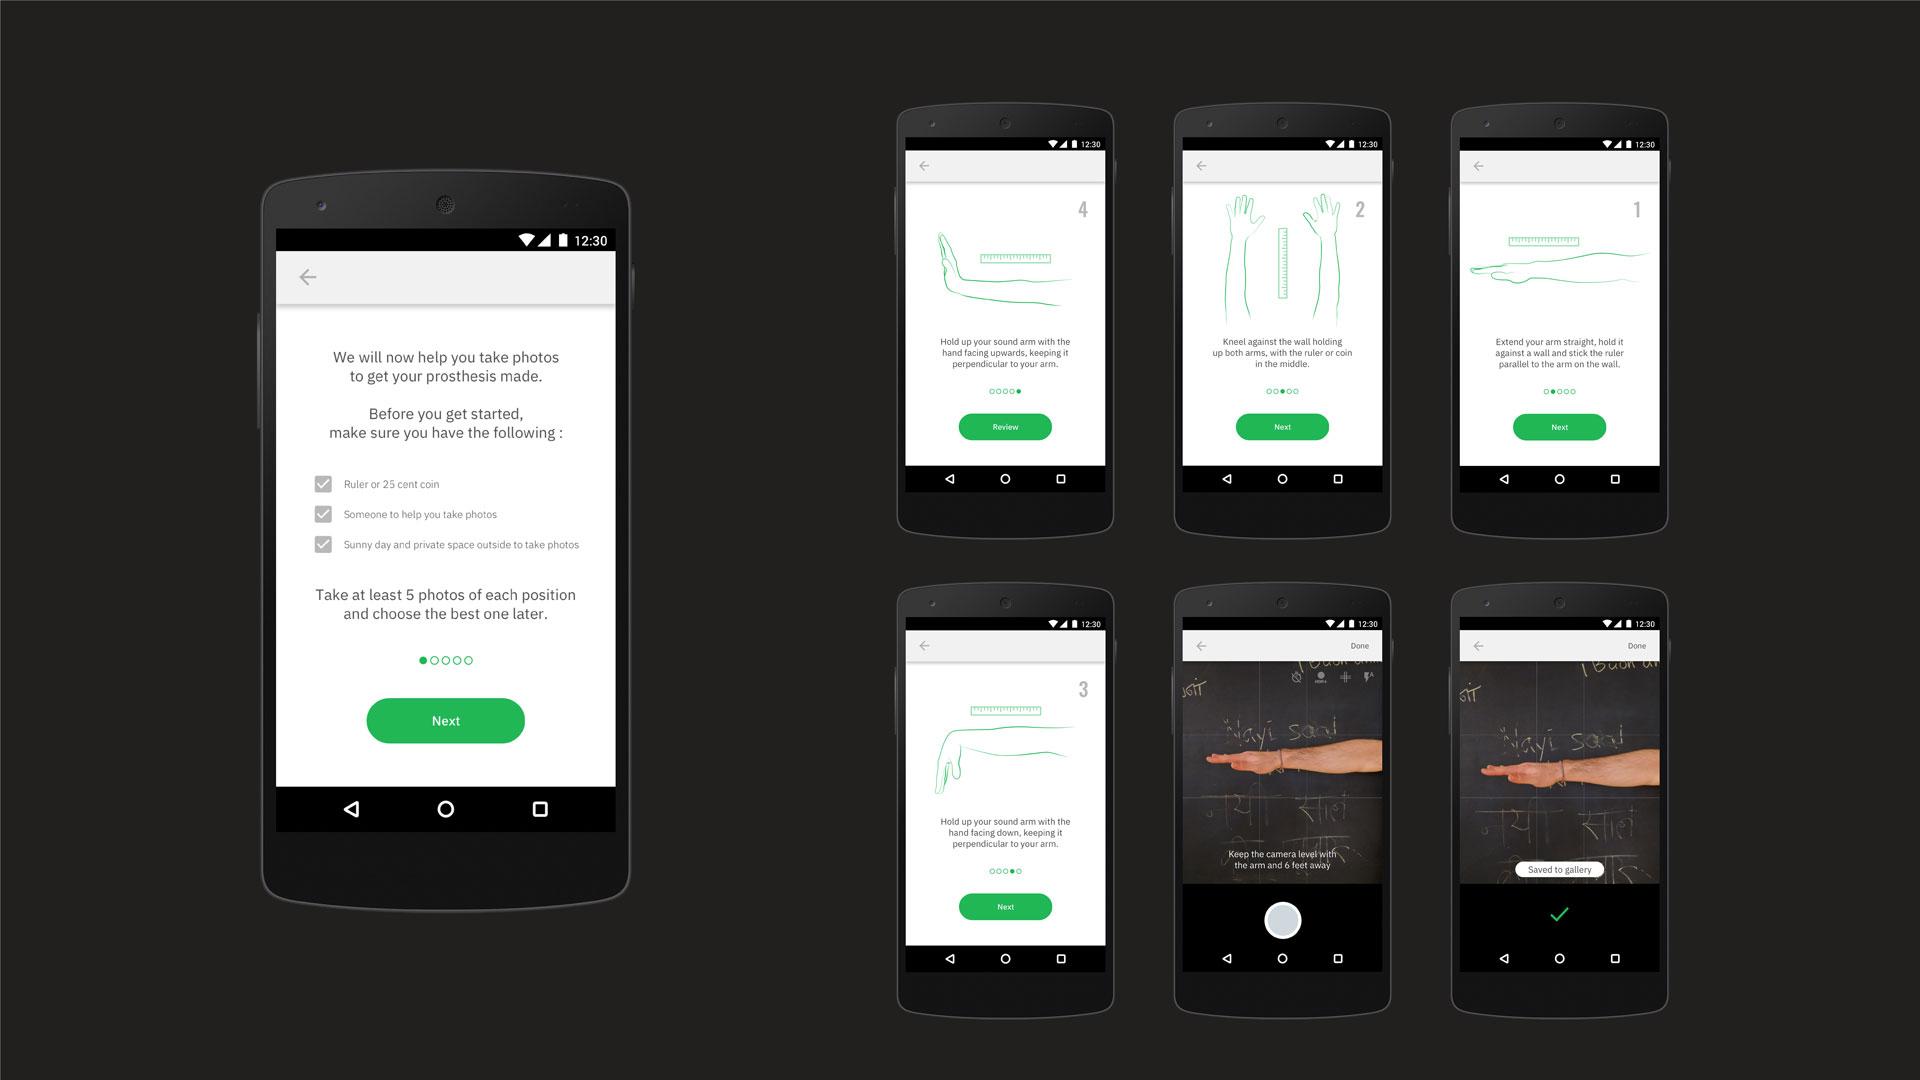 adya_guide_app-screens-02.jpg